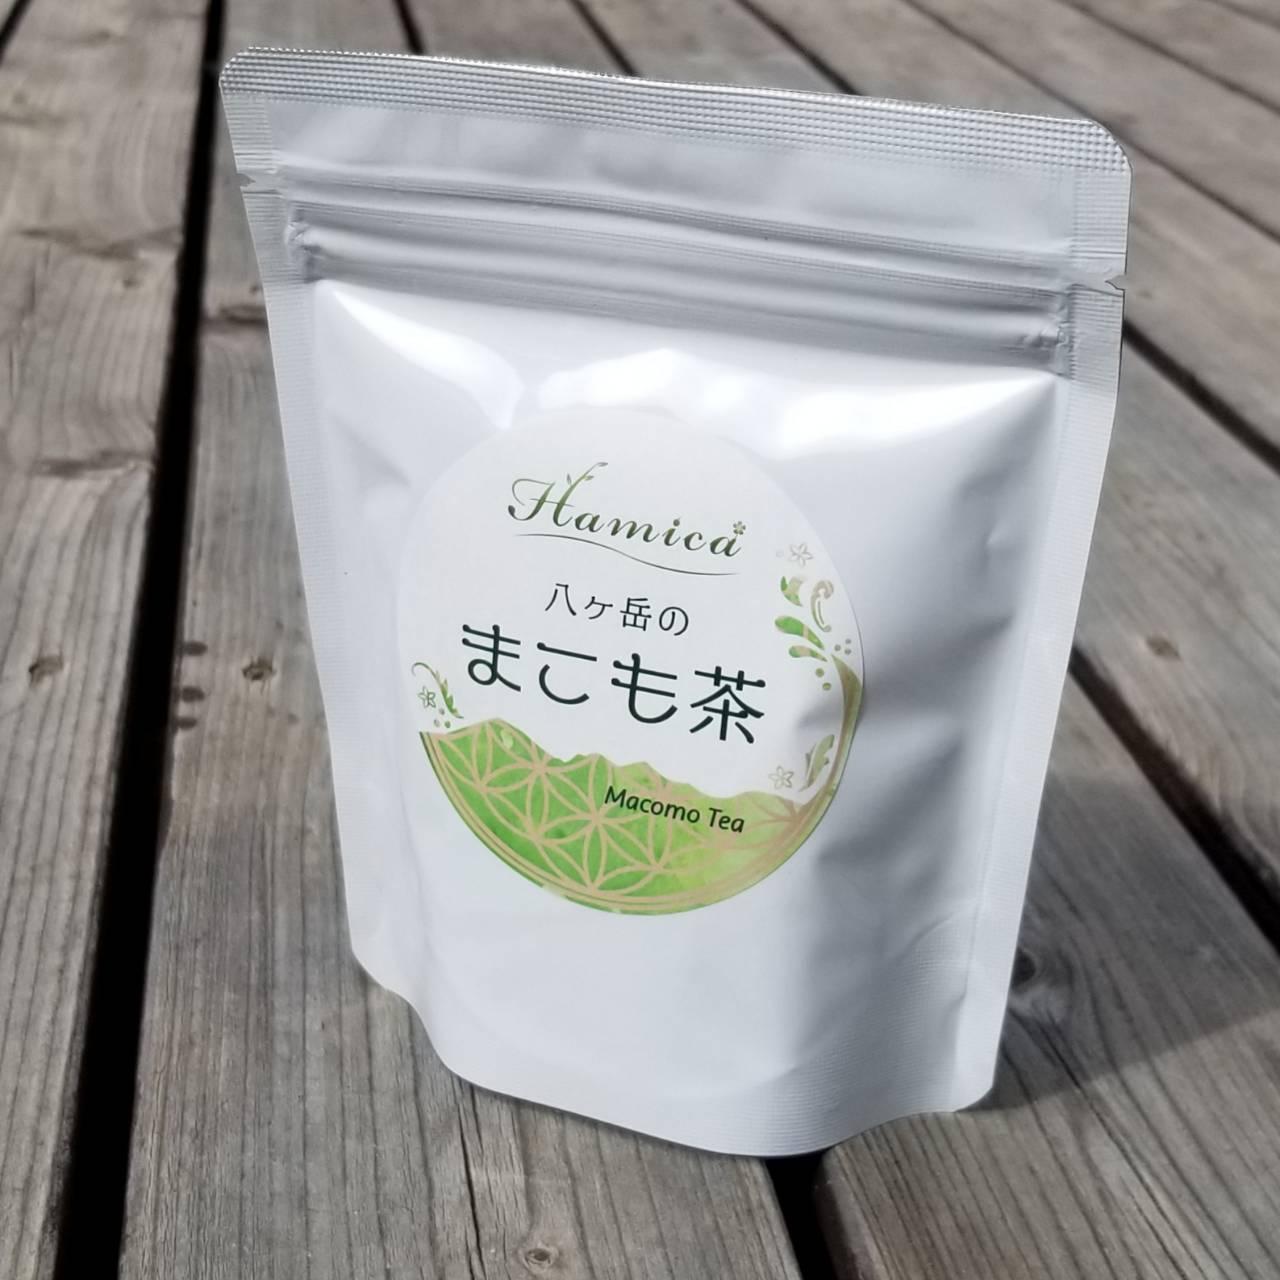 【八ヶ岳のまこも茶(5袋入り)】